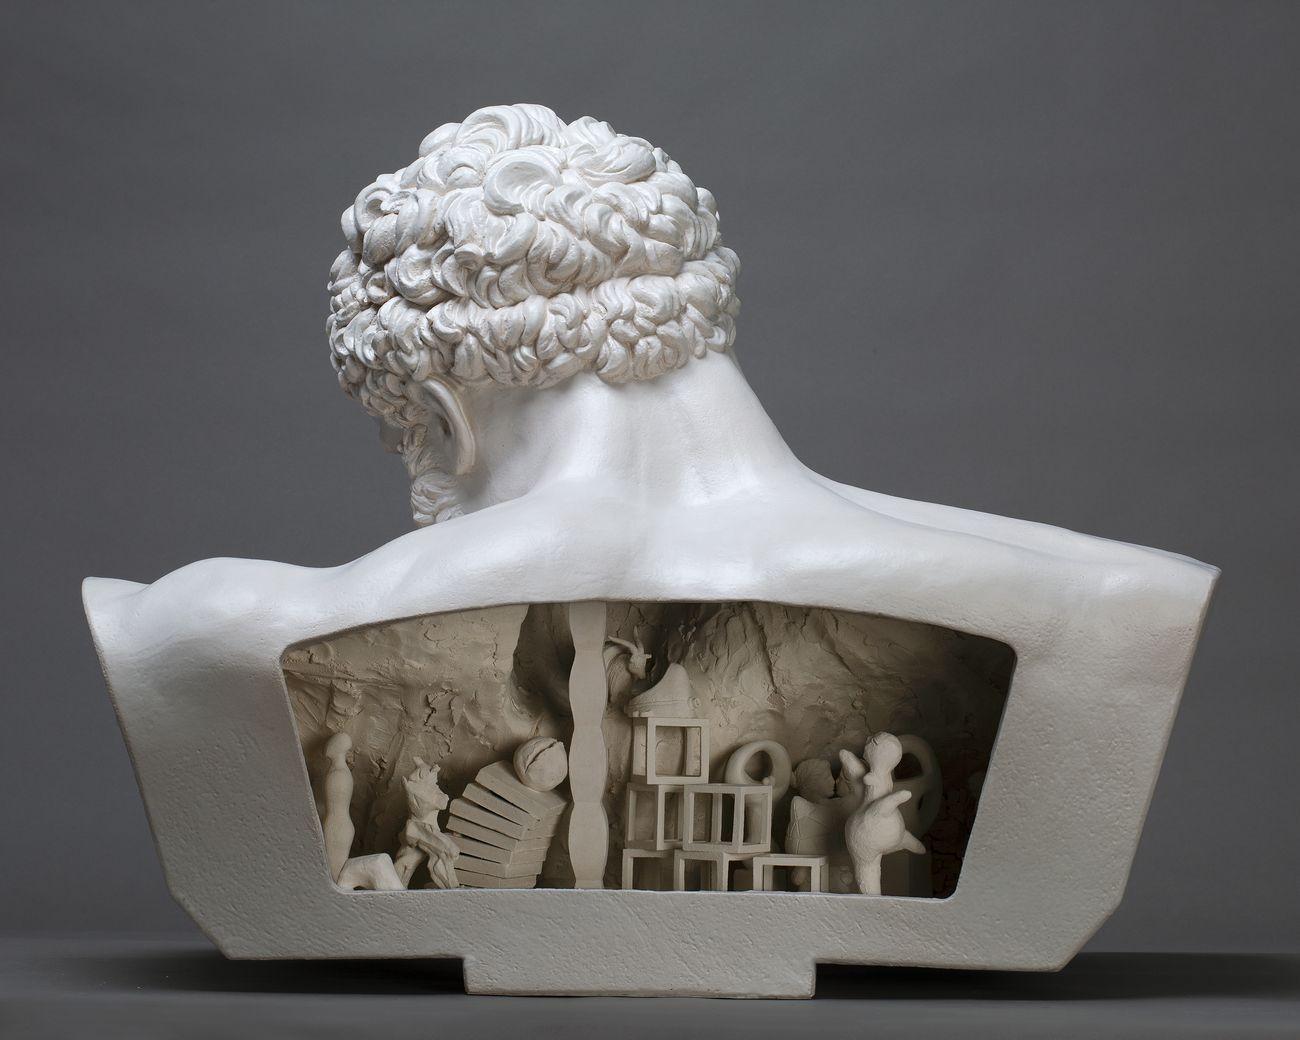 Andrea Salvatori, Copia da ...,(retro), 2019, ceramica, 68x88x60cm, photo Luca Nostri, courtesy collezione privata